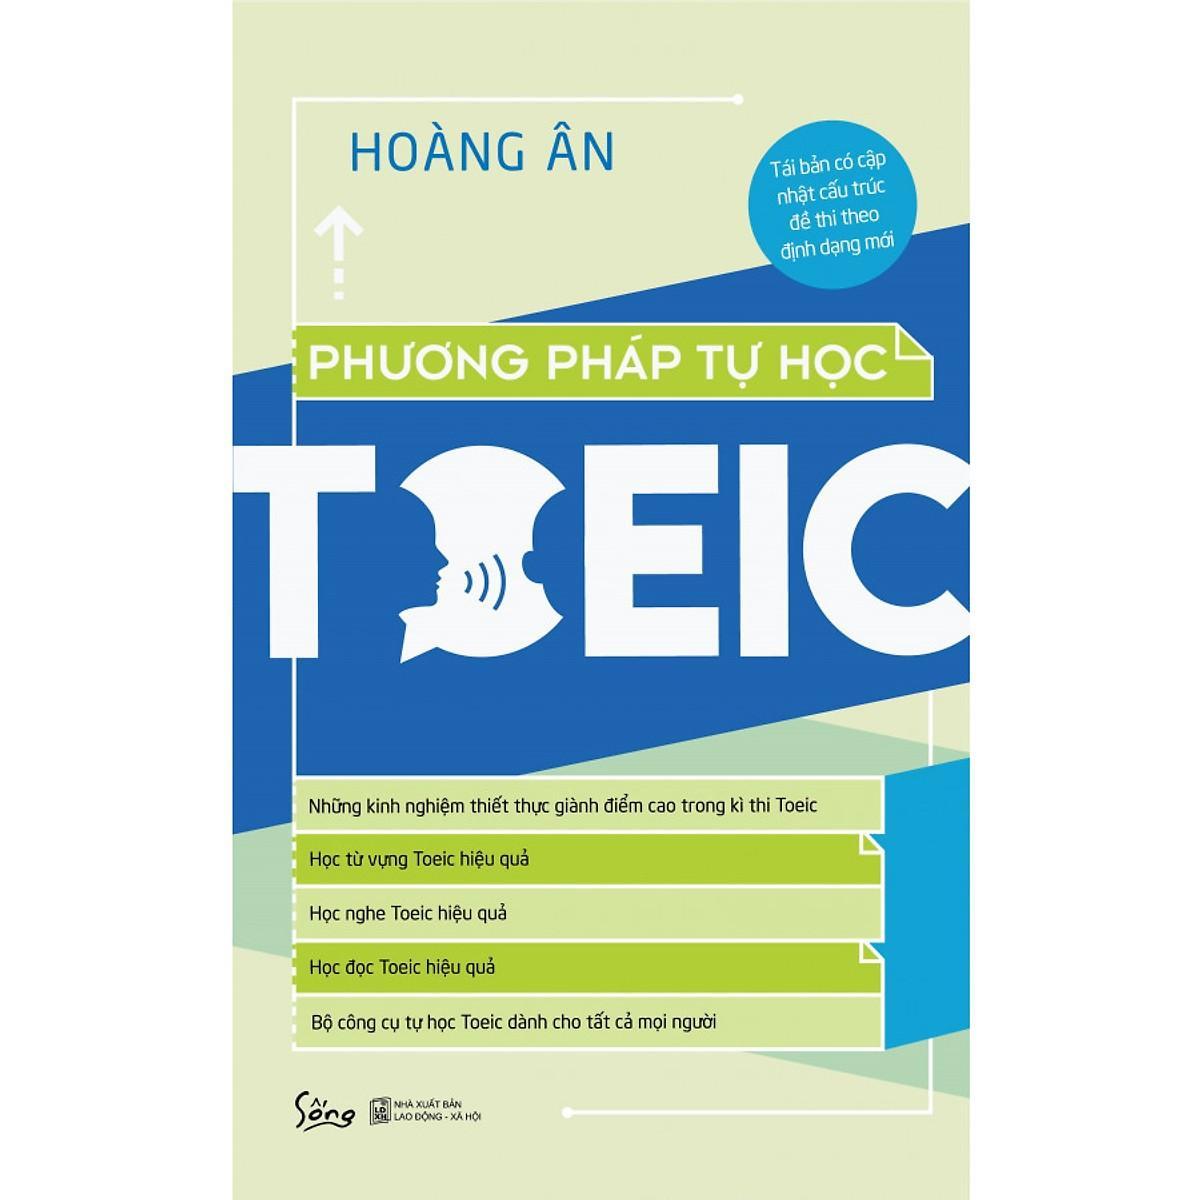 Sách Học Tiếng Anh - Phương Pháp Tự Học TOEIC (Tái Bản 2019) Giá Giảm